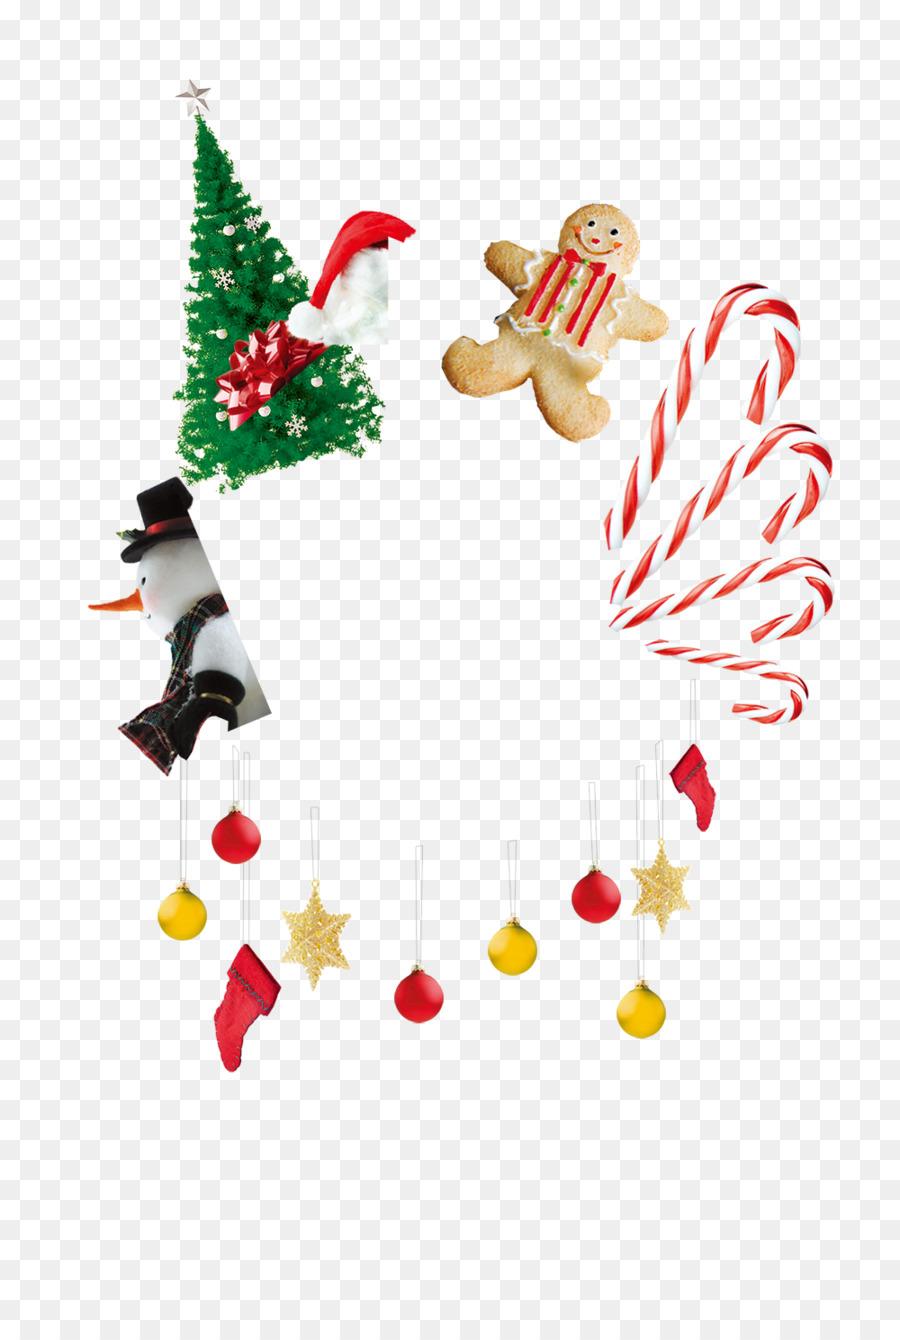 Weihnachtsbaum Schneemann - Weihnachten Socken-Schneemann-Cookies ...